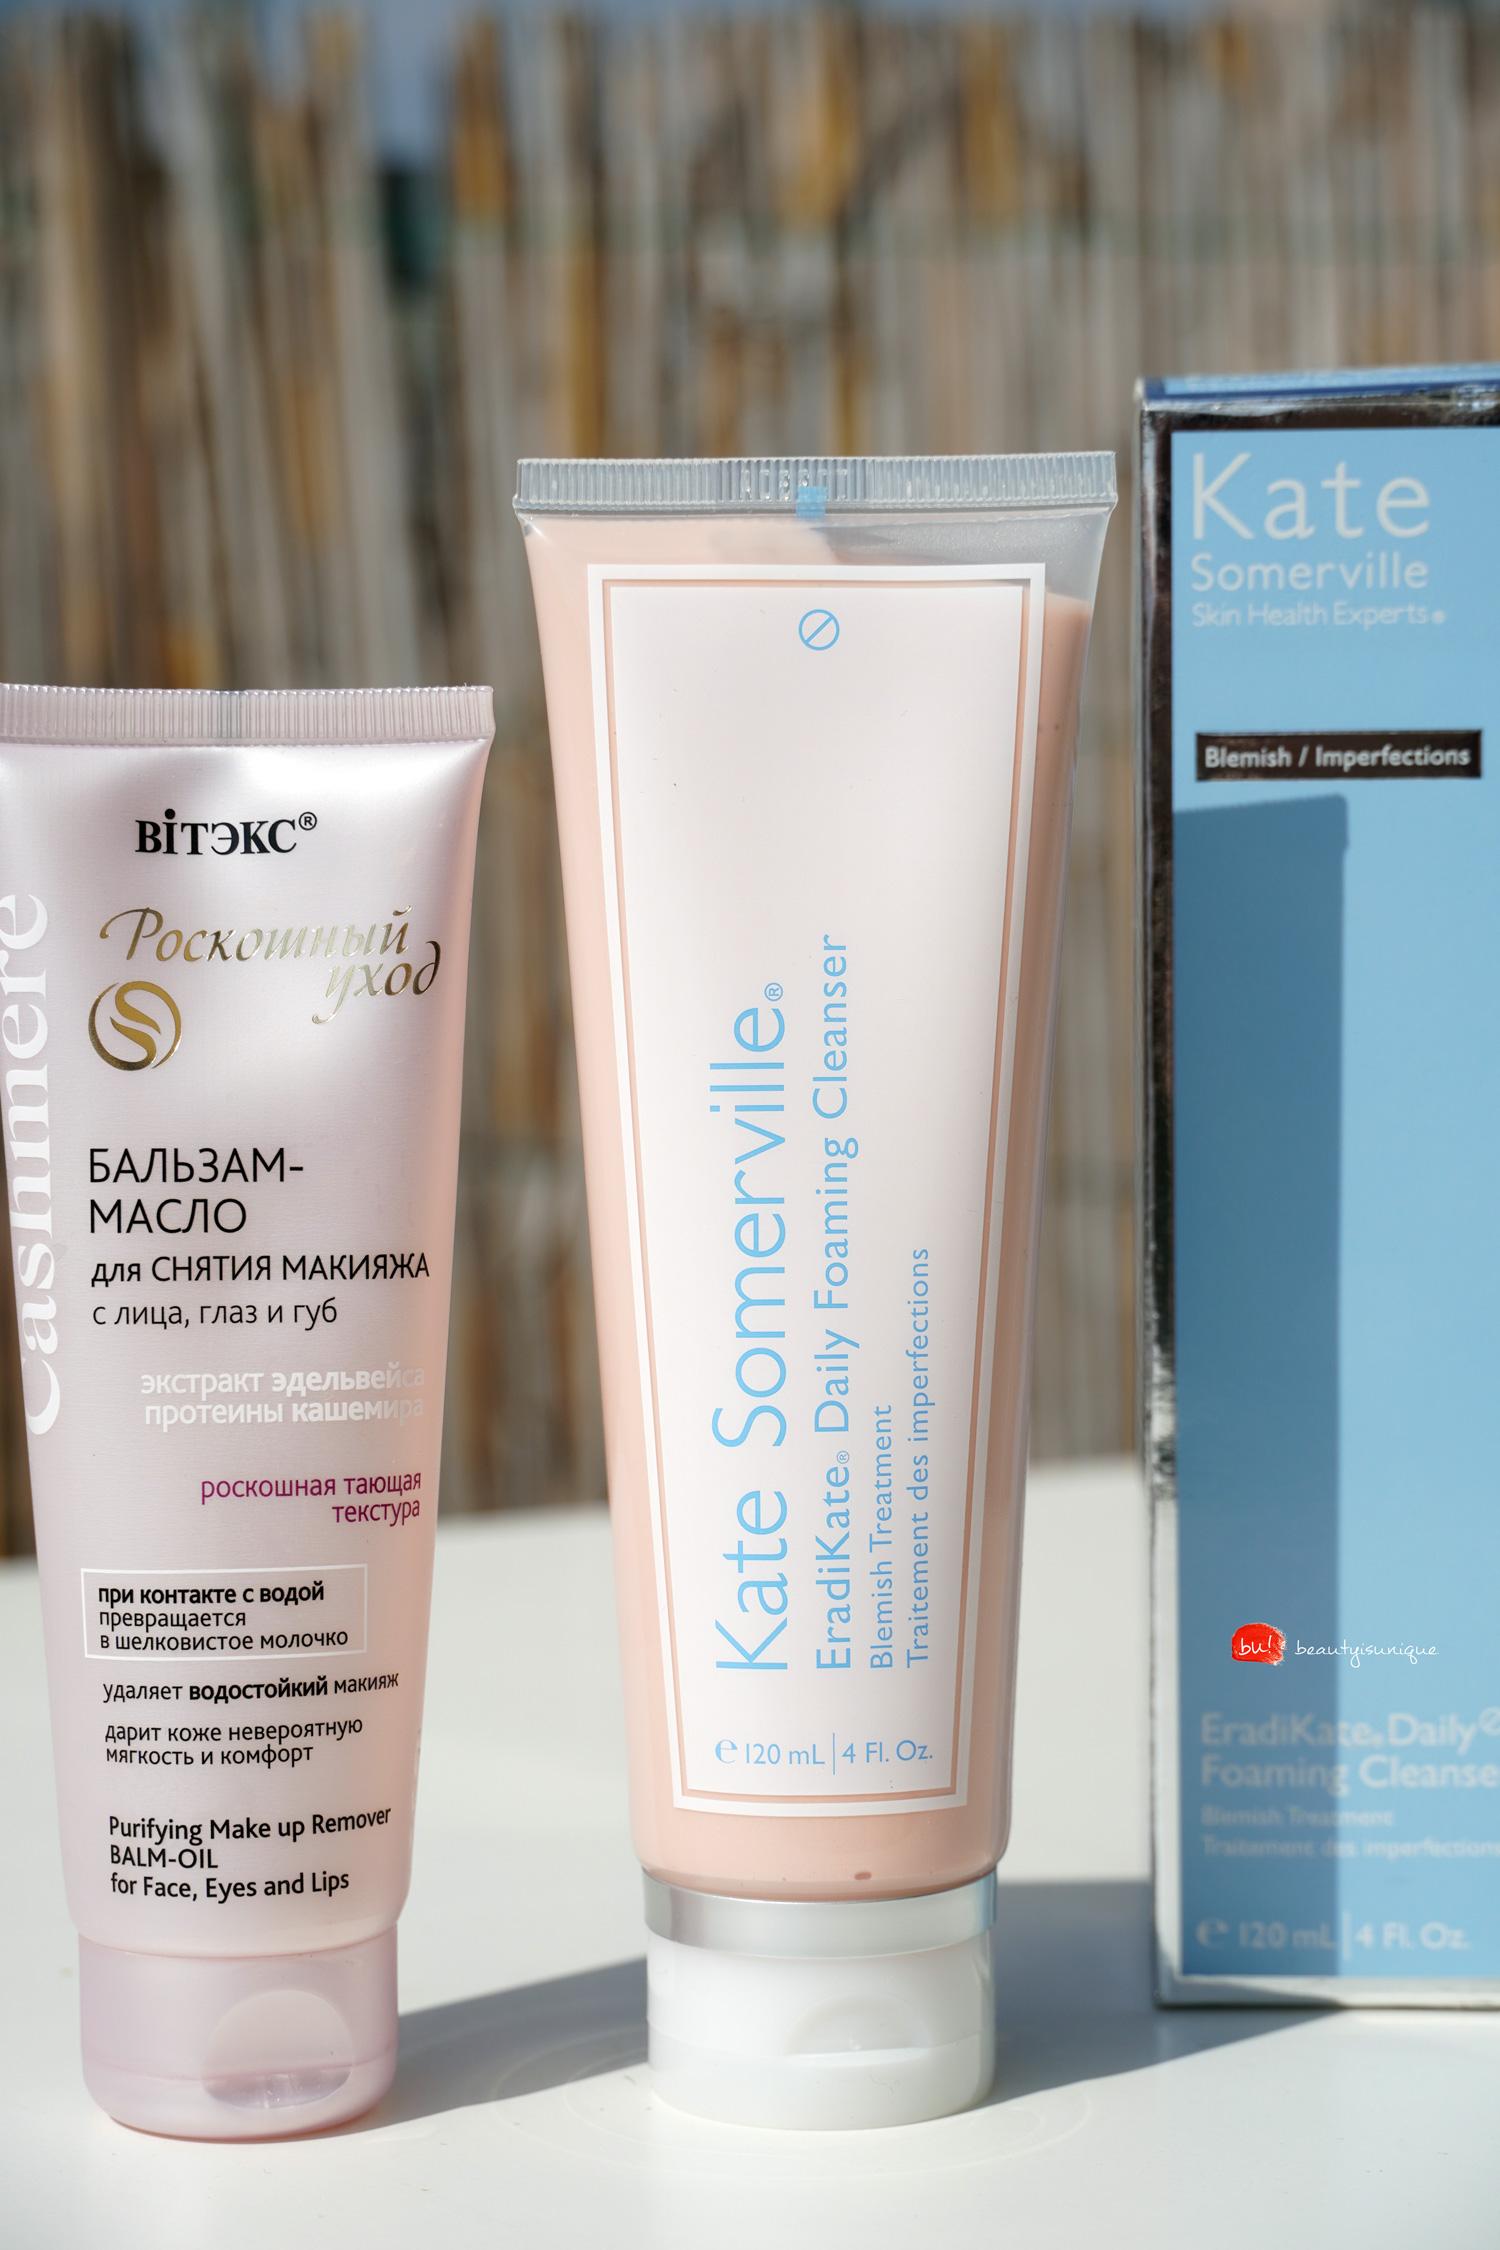 Kate-sommerville-eradiKate-daily-foaming-cleanser